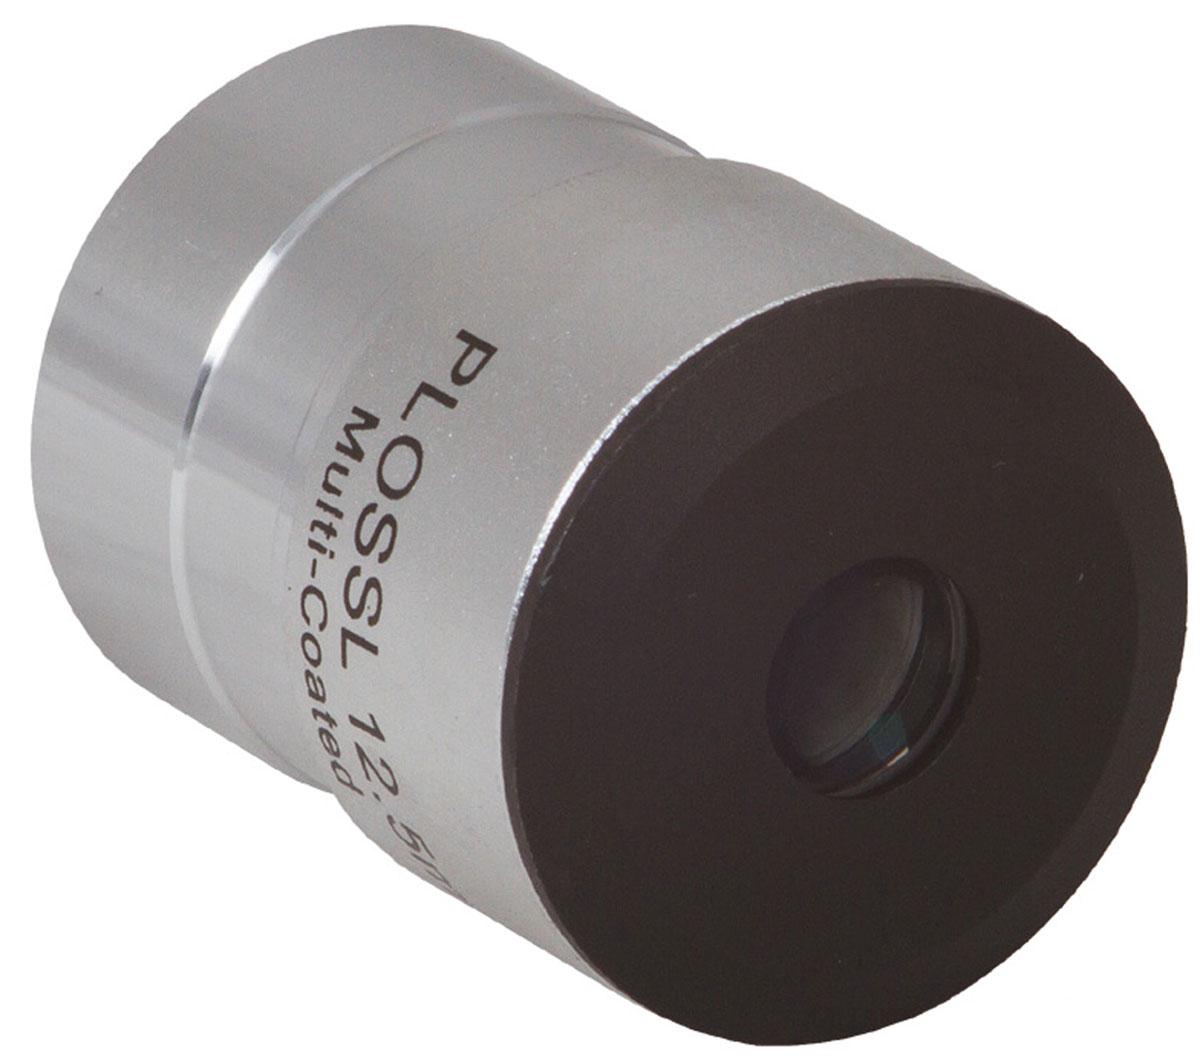 Sky-Watcher Plosslокуляр 12,5 мм, 1,25